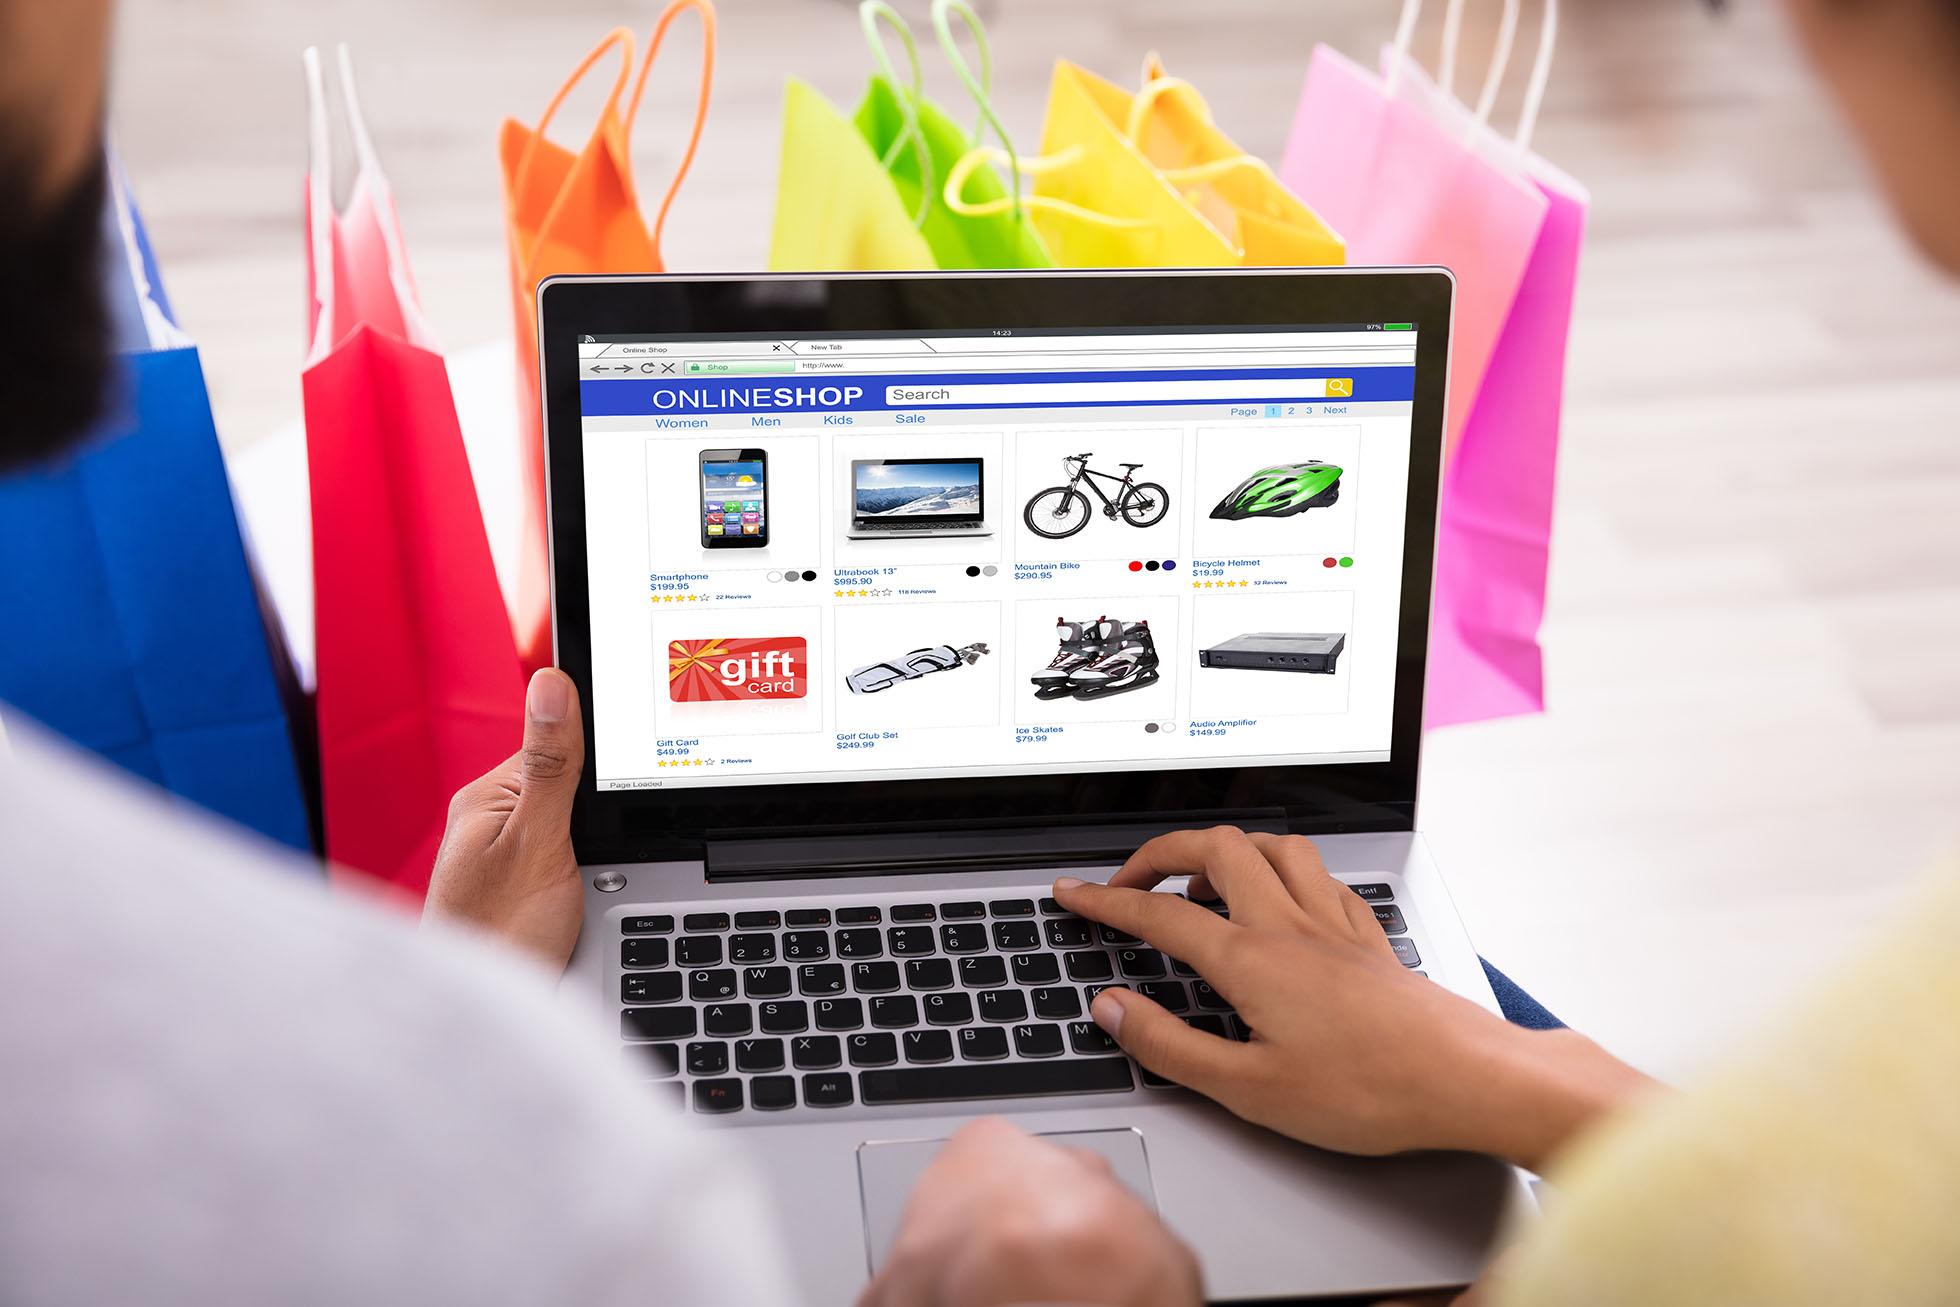 Tecnología: 8 Ideas de negocios a bajo costo